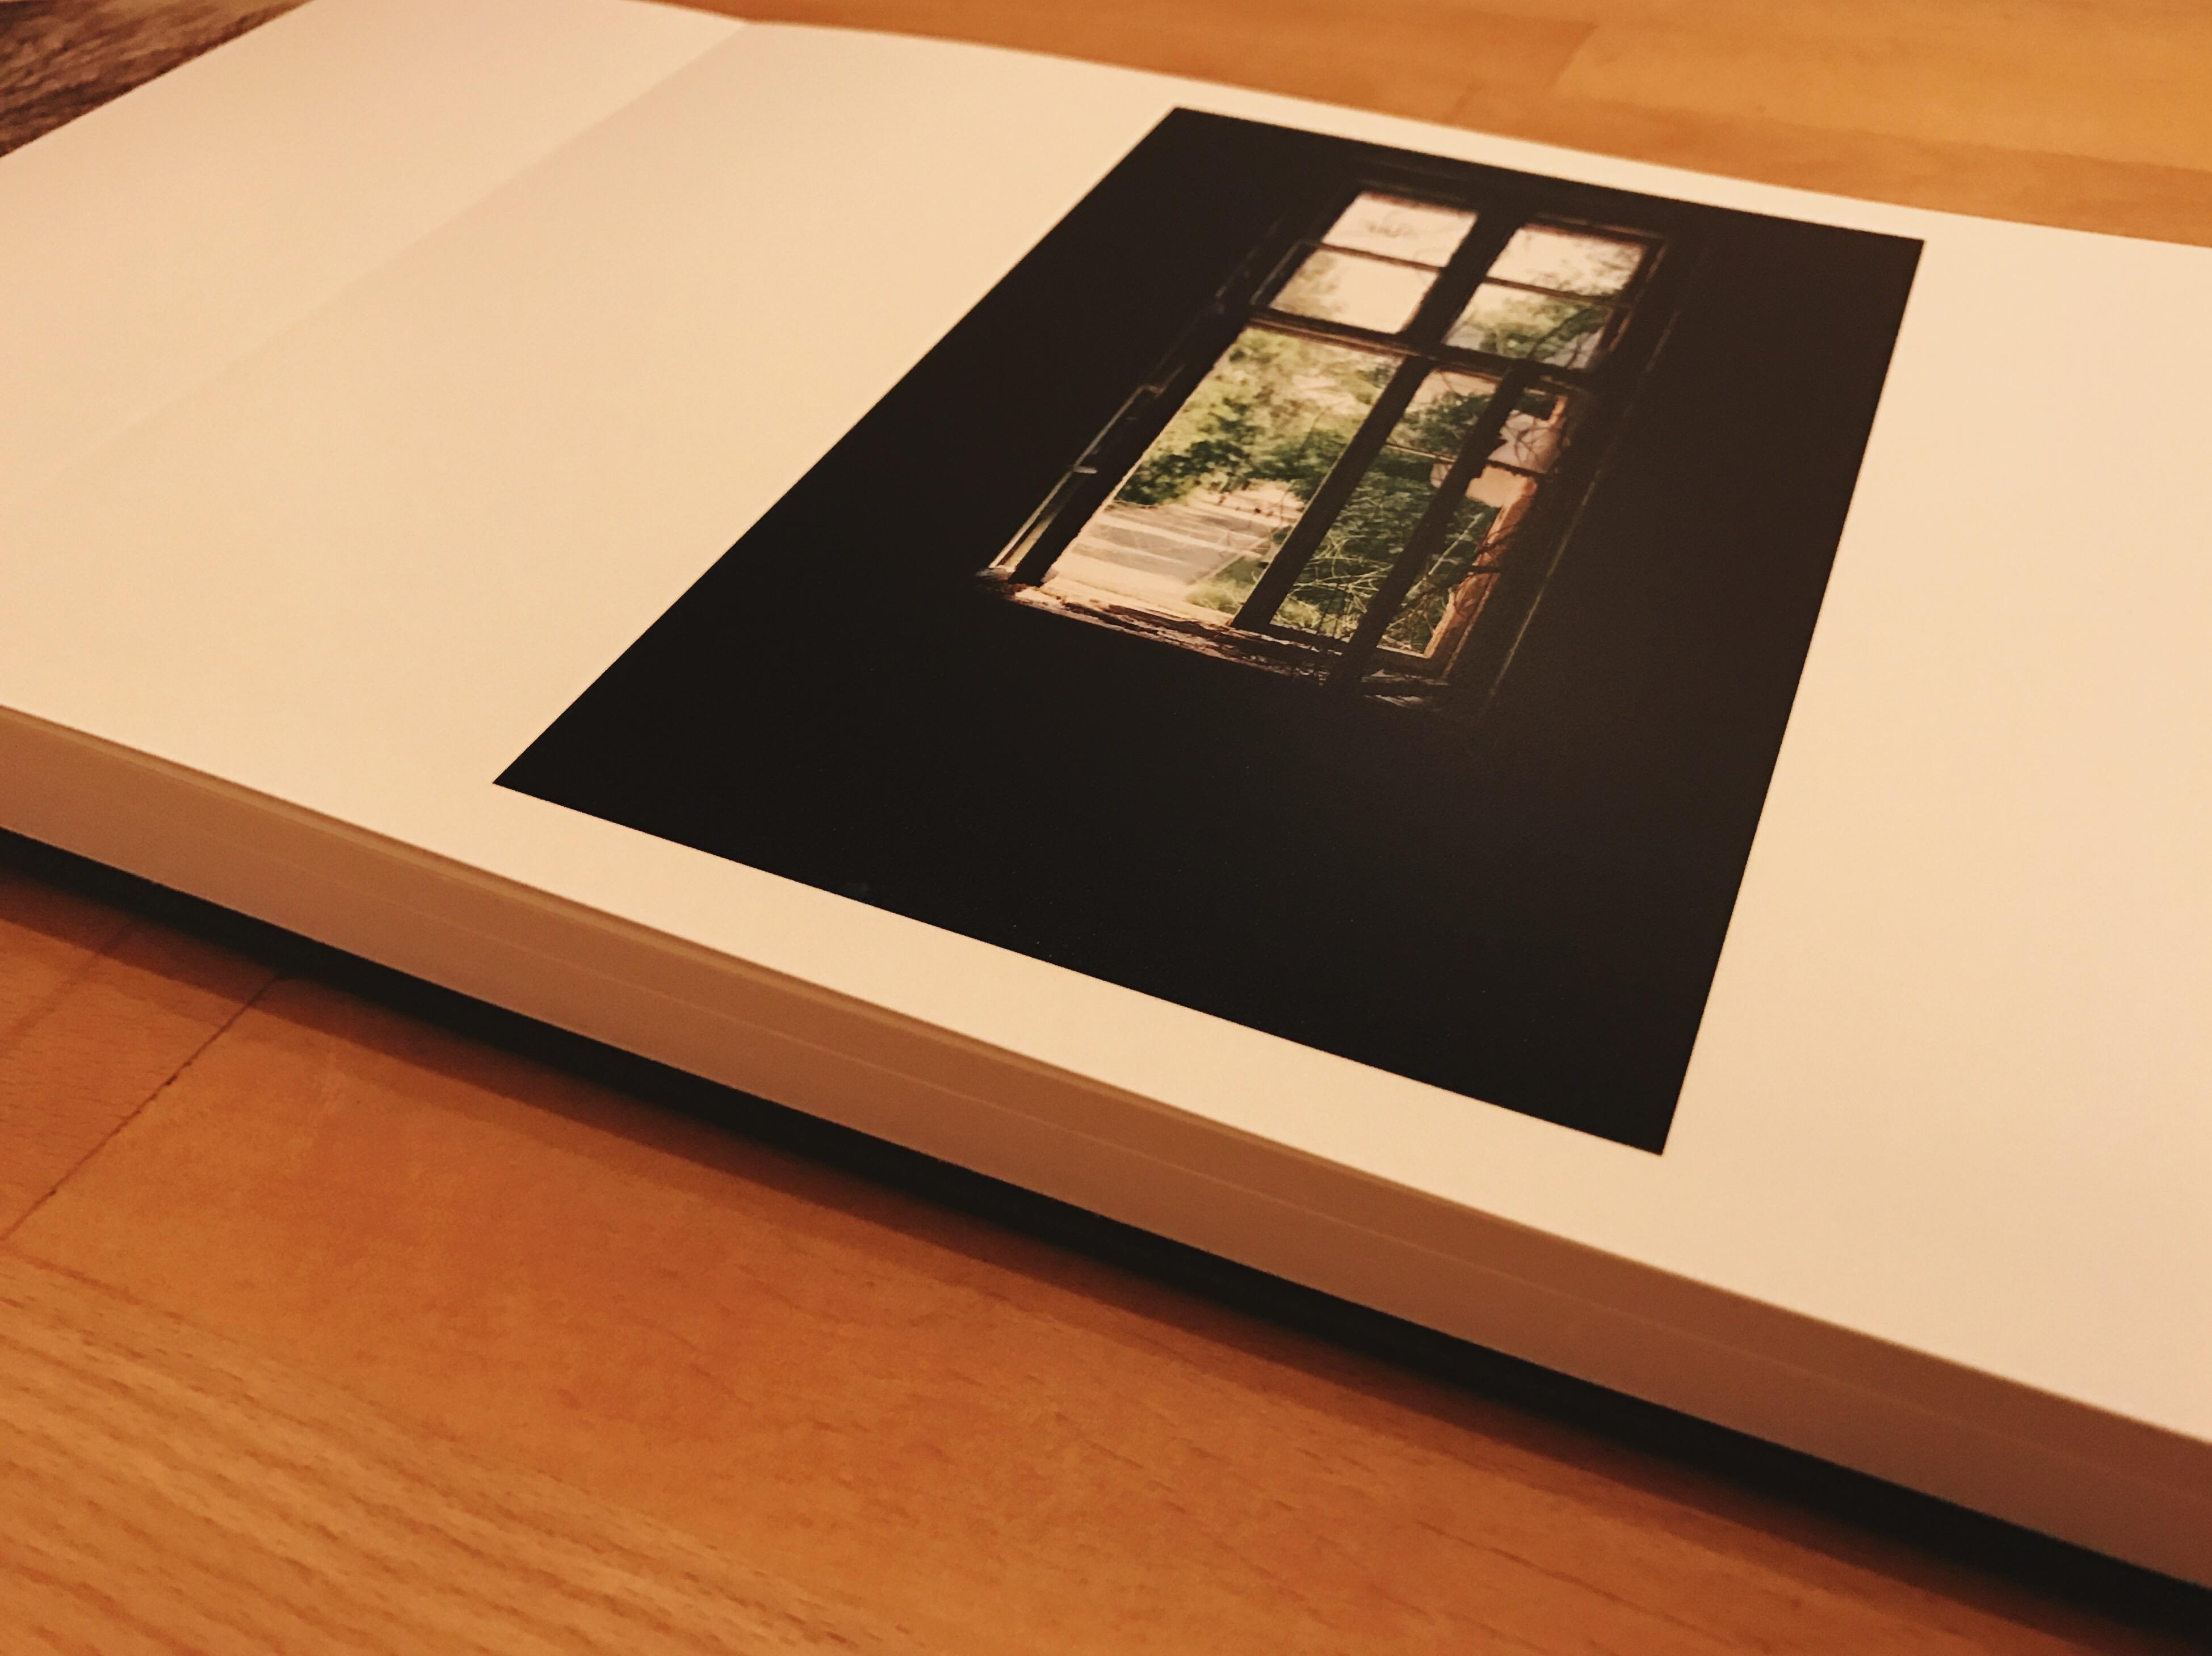 hardcover fotobuch von saal digital ein testbericht pixelgranaten. Black Bedroom Furniture Sets. Home Design Ideas